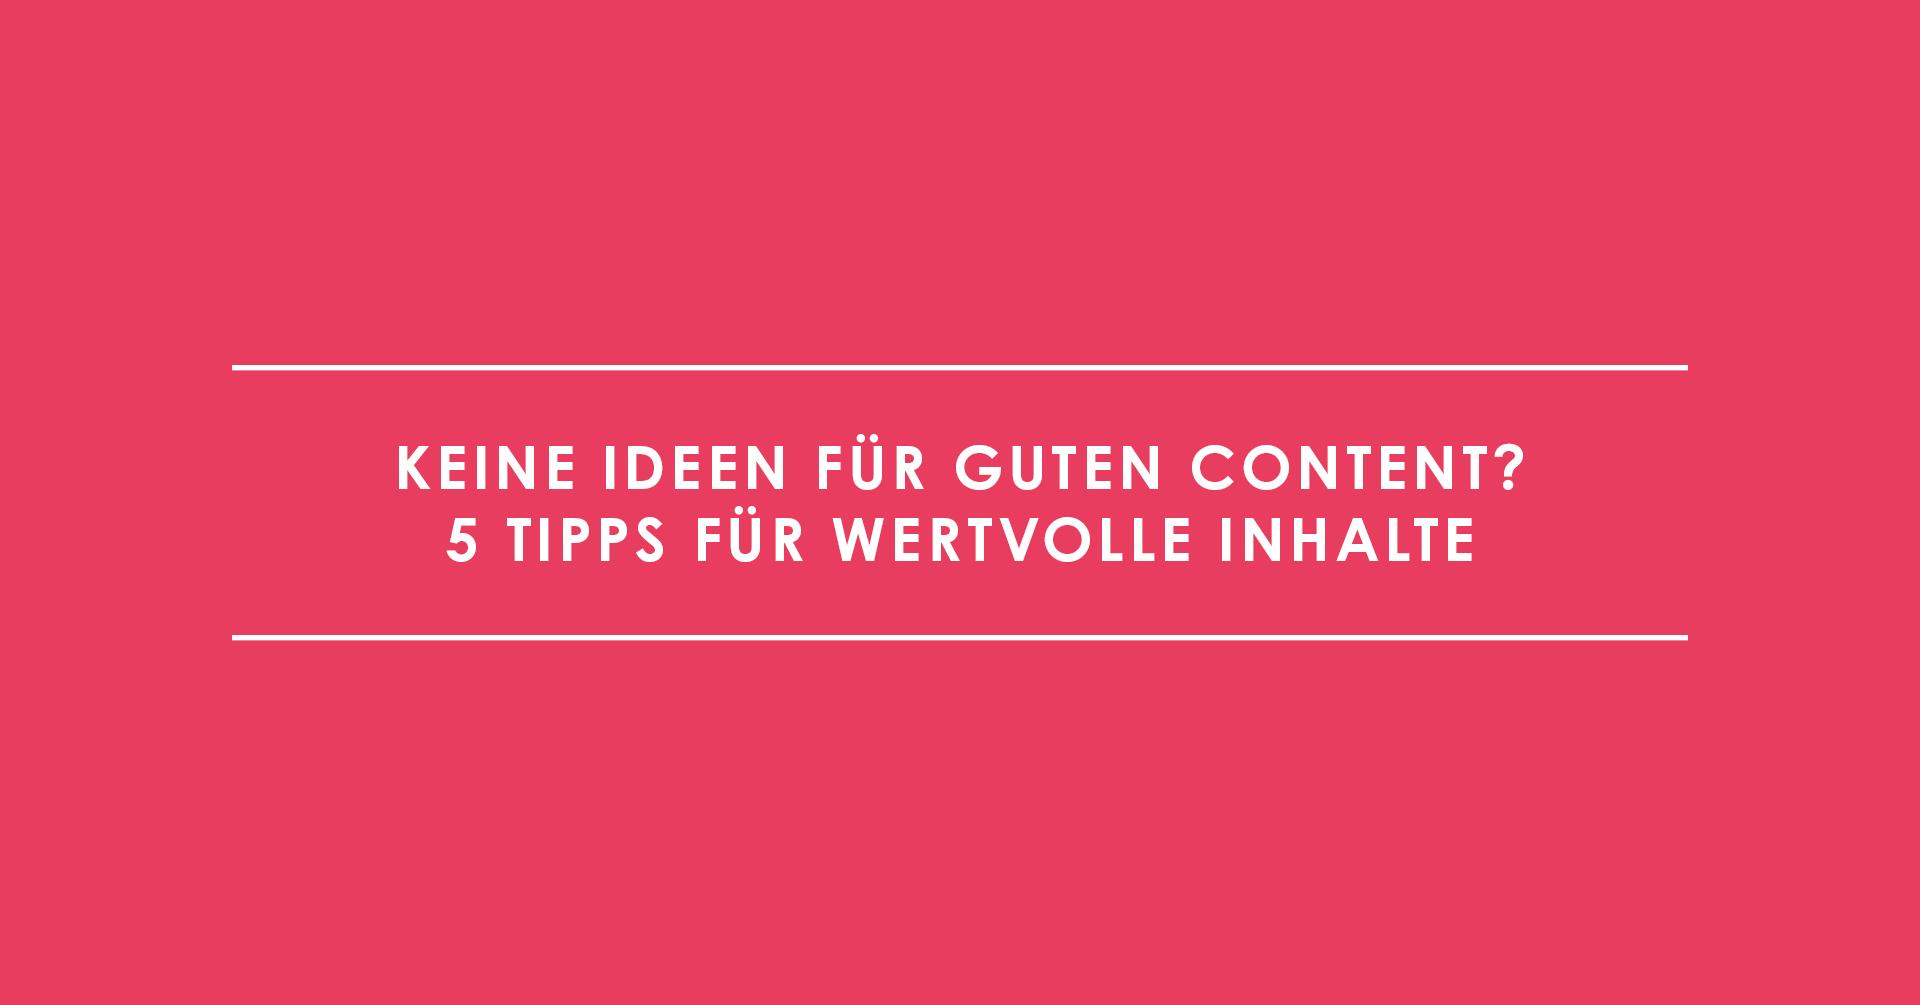 Keine Ideen für guten Content? 5 Tipps für wertvolle Inhalte